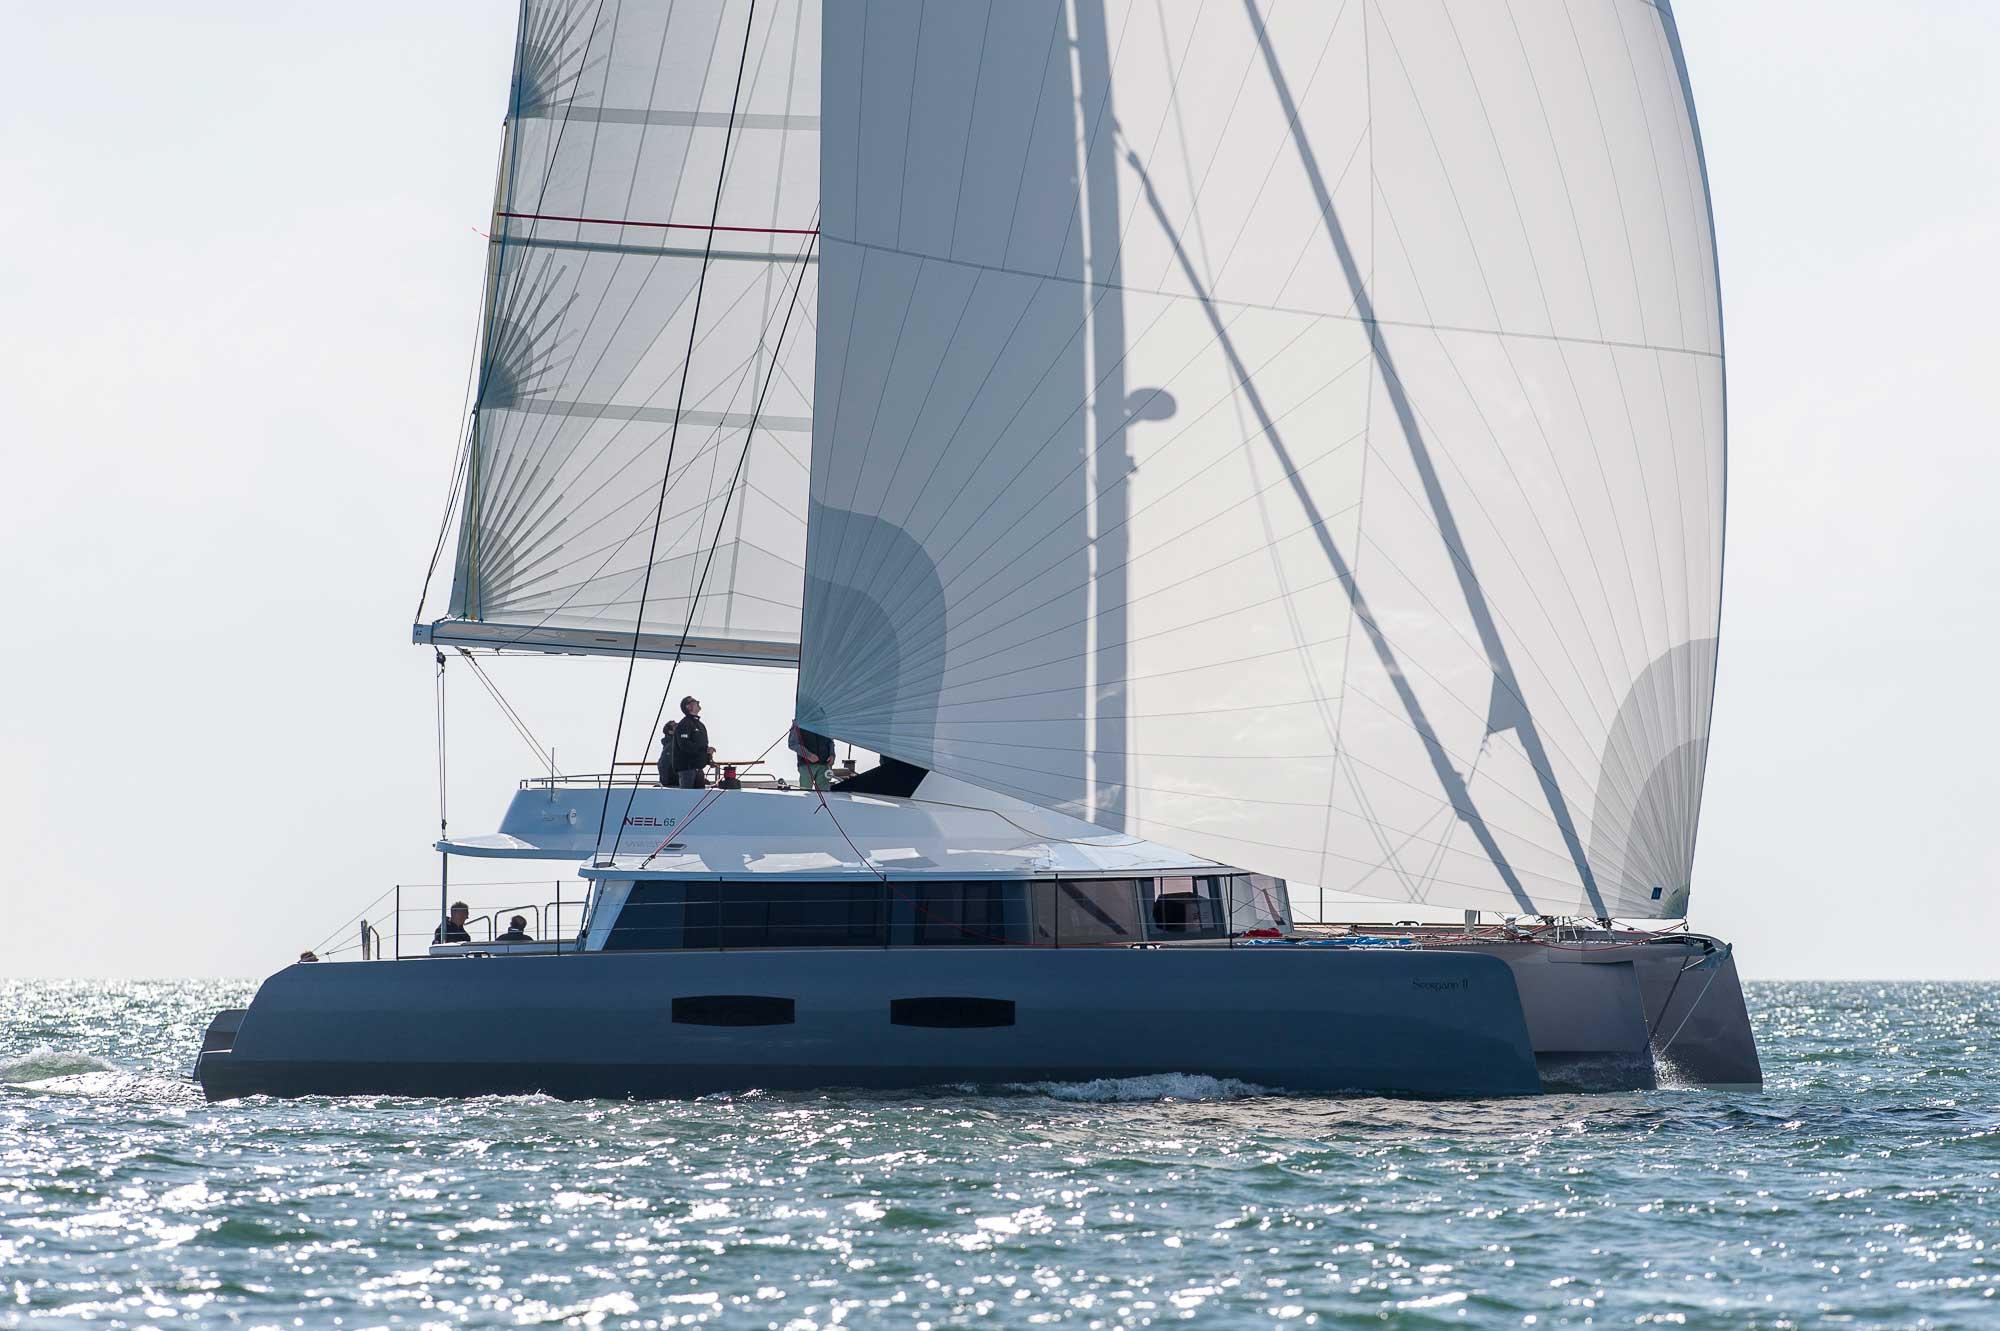 Trimaran NEEL 65 unter Segeln von Steuerbord gesehen